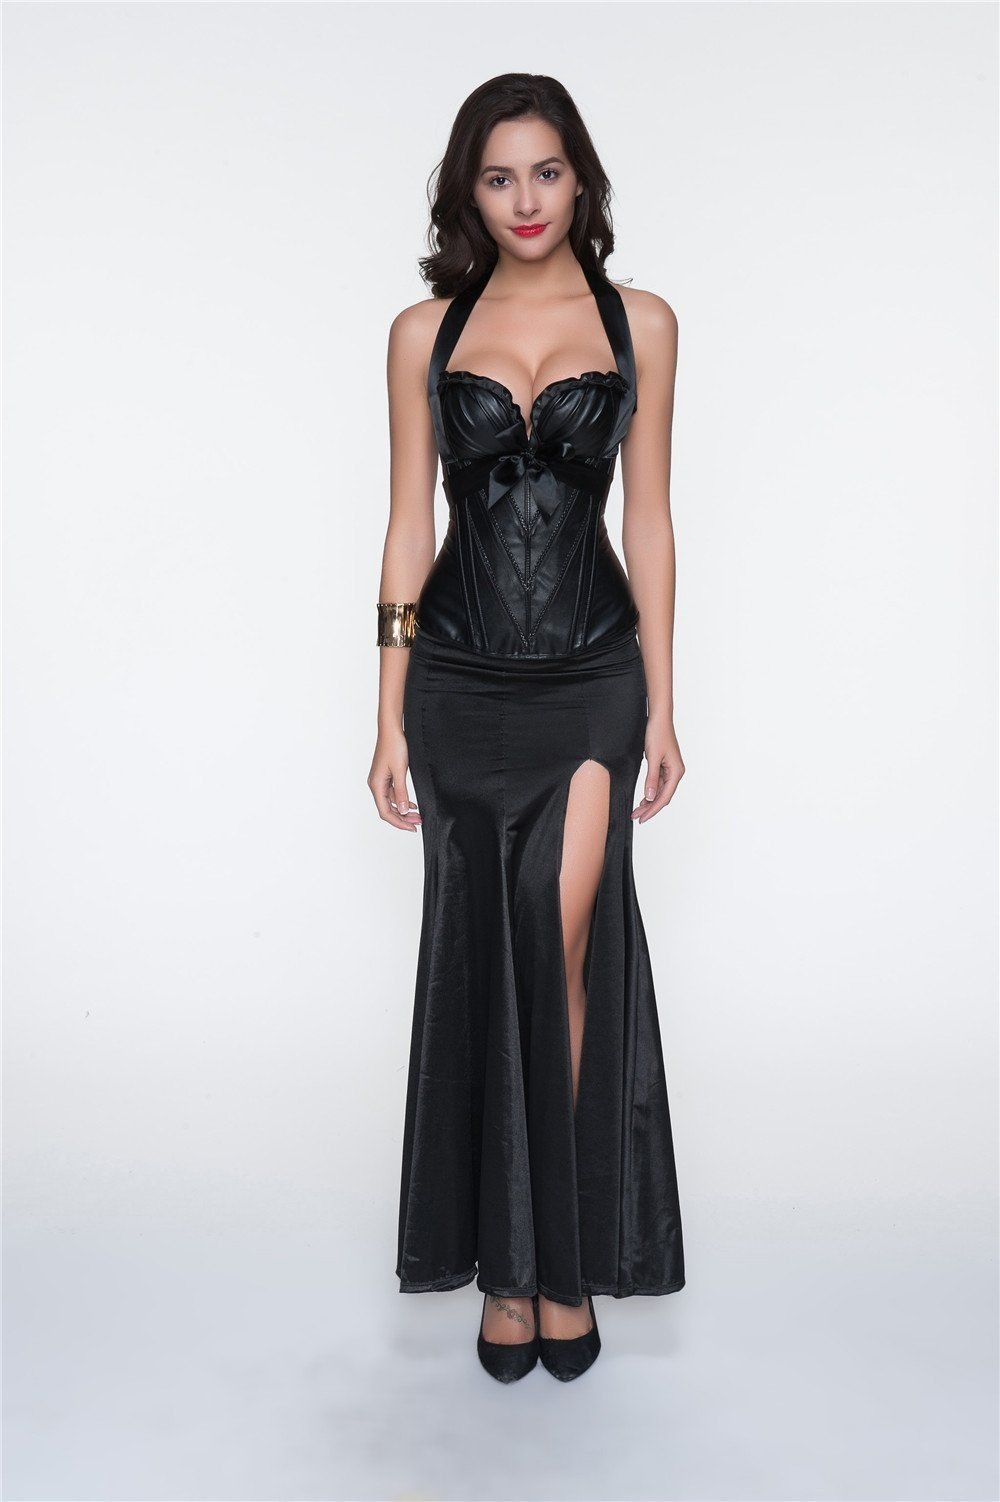 Abend Ausgezeichnet Abendkleid Corsage Design17 Schön Abendkleid Corsage Spezialgebiet